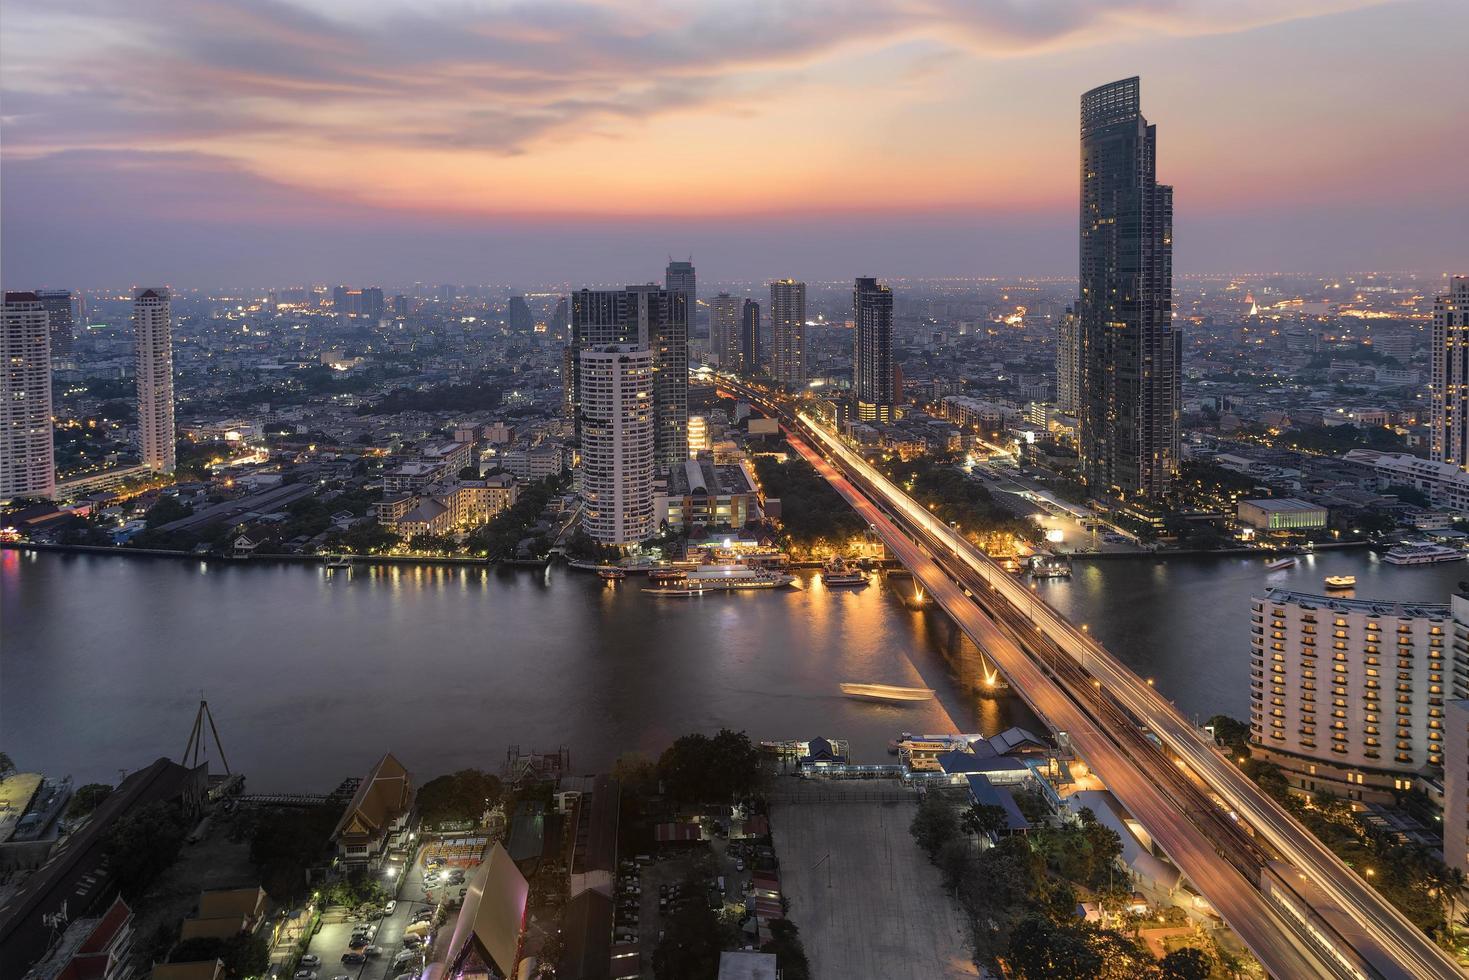 ville de bangkok au coucher du soleil avec des sentiers de feux de circulation photo